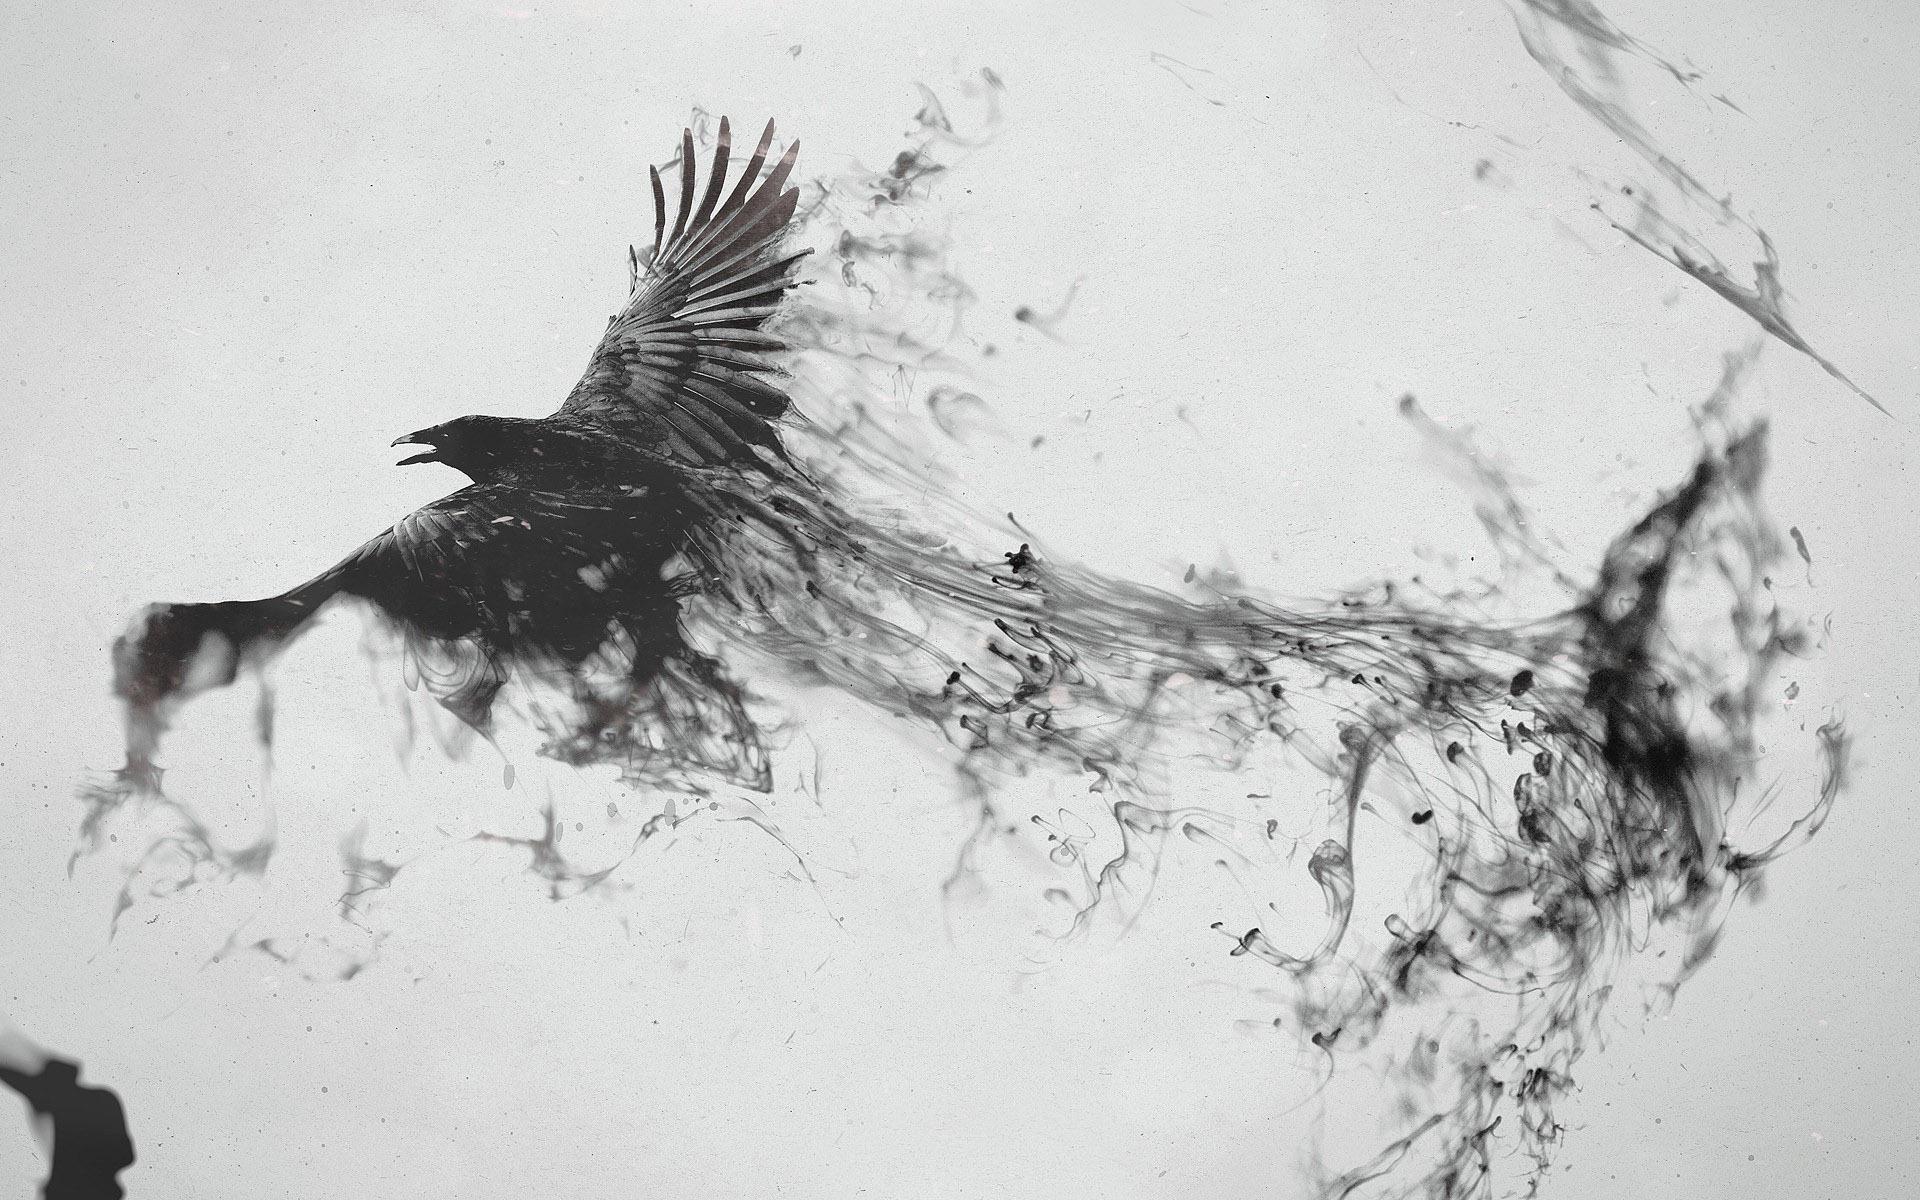 Flying Raven Artwork Wallpaper Wallpaper WallpaperLepi 1920x1200